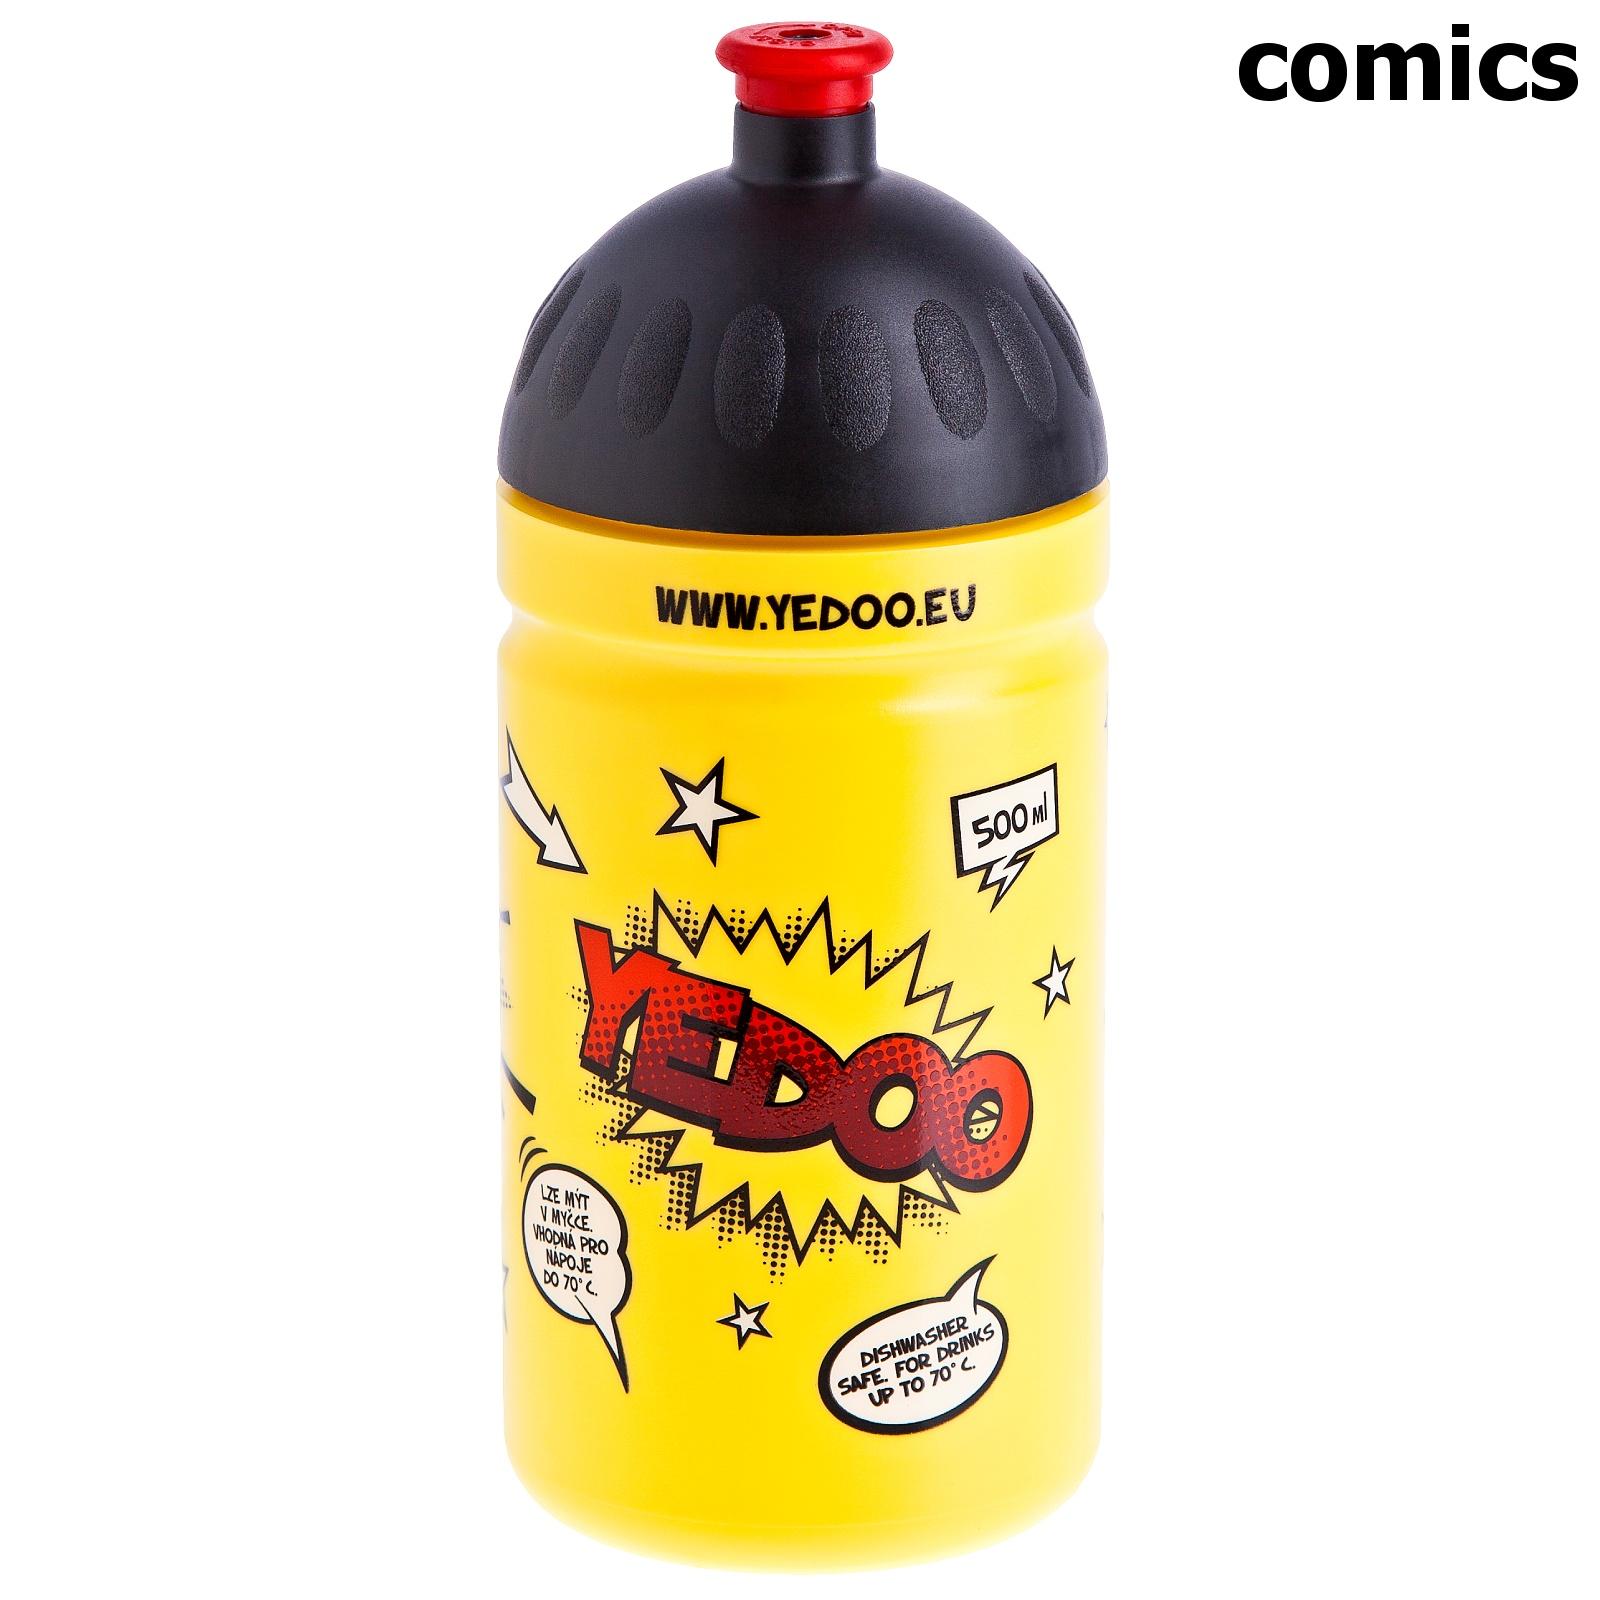 Cyklo láhev YEDOO 0,5l comics